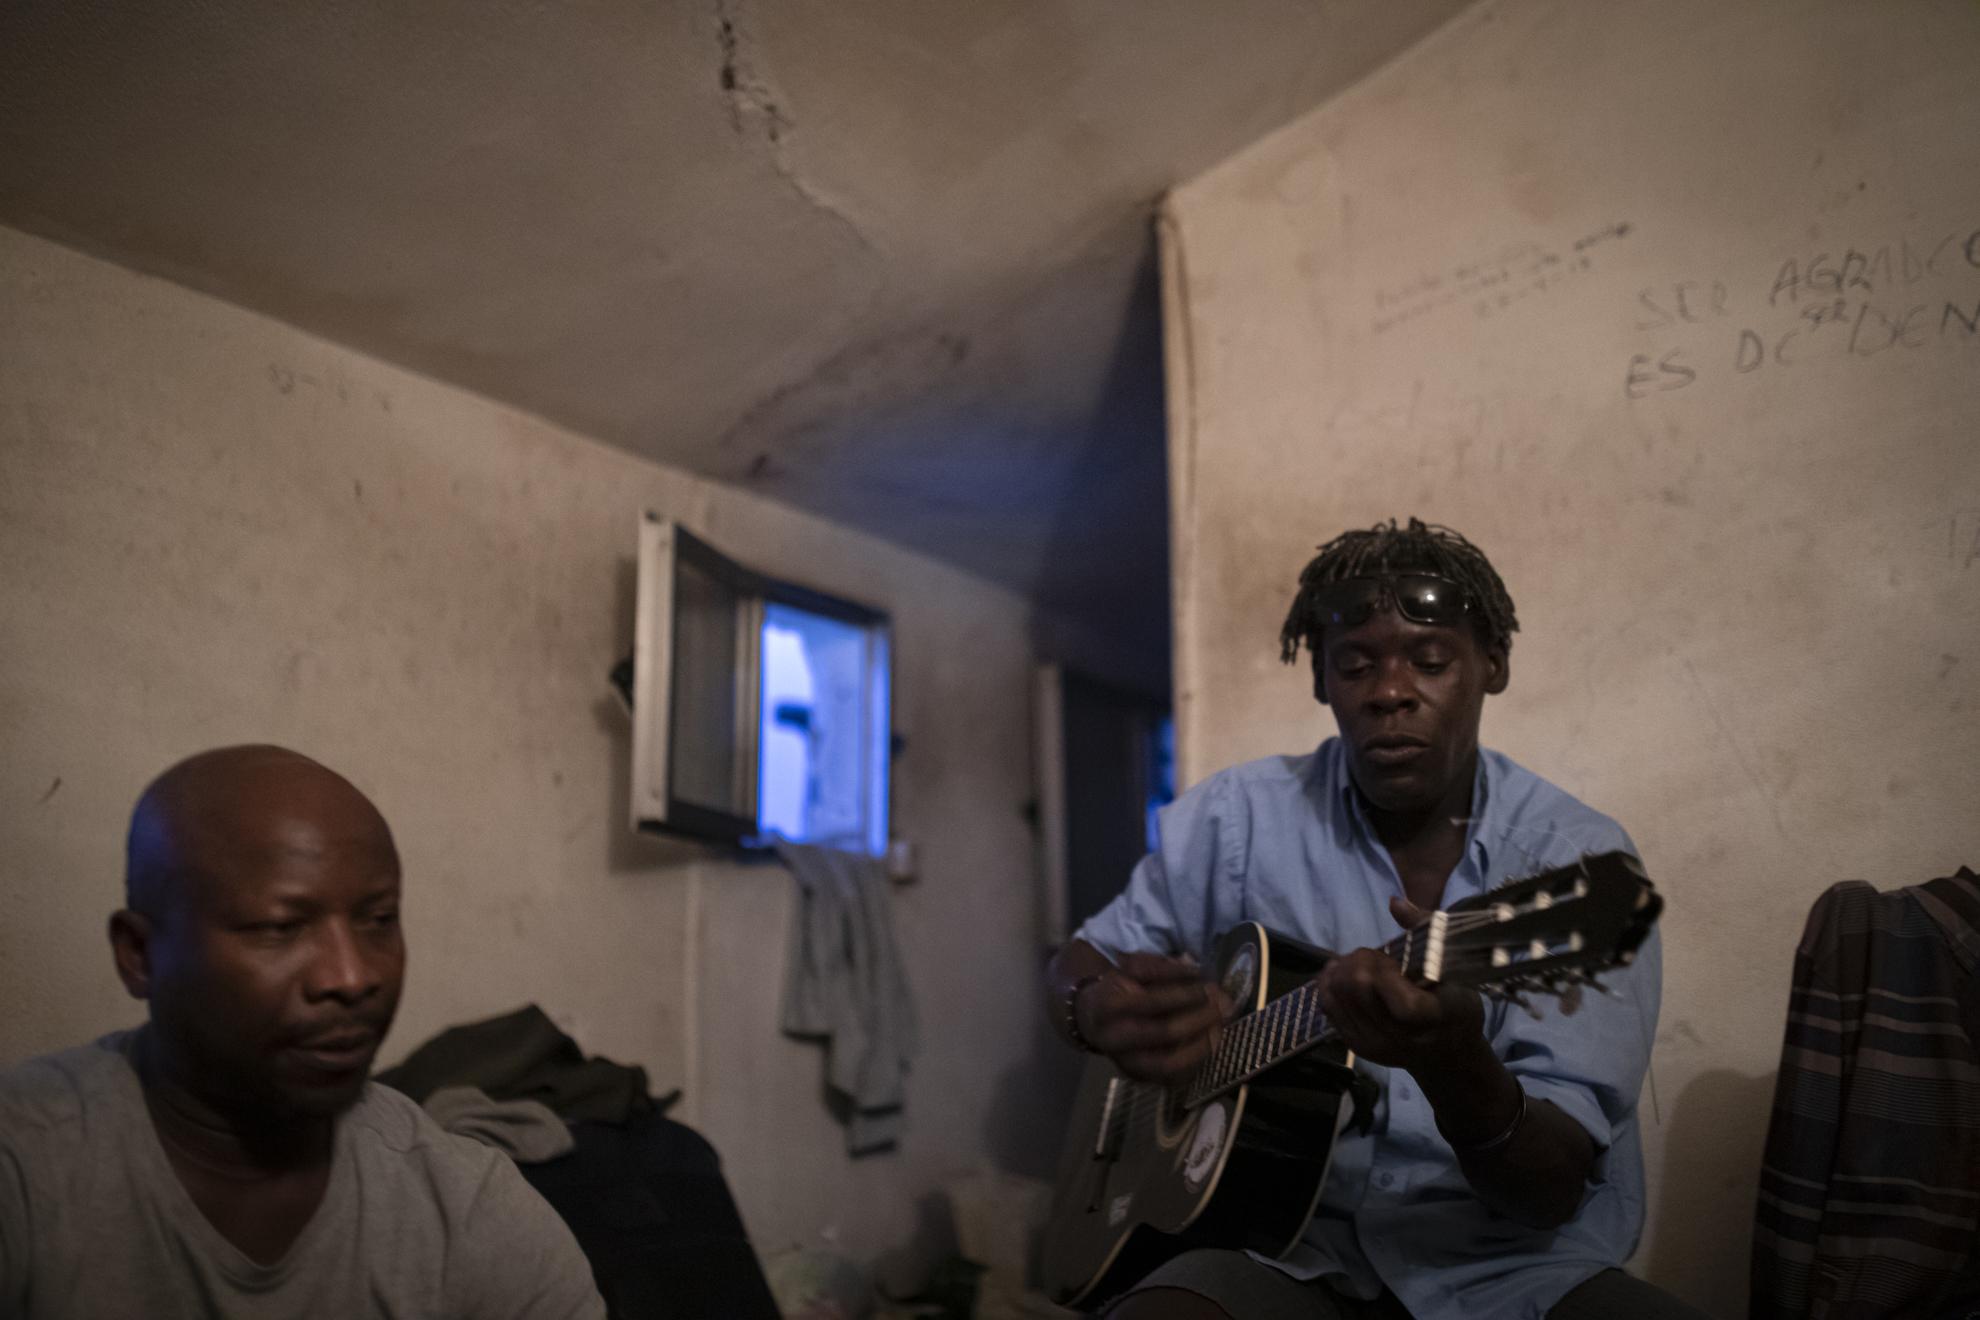 Yusuf (izquierda) y Bruno (con su guitarra entre las manos) continúan viviendo como pueden esta crisis sanitaria. Siguen sin agua corriente en su pequeño piso de Lavapiés, pero desde que se han atenuado las restricciones para salir a la calle lo llevan mejor. Ahora que hay más vida, y mucha más gente por el barrio, tienen también más facilidades para conseguir comida. Bruno tiene un trabajo a la vista, en Alicante, donde está pensando mudarse cuando se pueda viajar a otras provincias. Ninguno de los dos habla con su familia en Guinea; no quieren preocuparles con las noticias sobre el Covid-19 que siguen sonando con pesadumbre en los medios de comunicación en España.